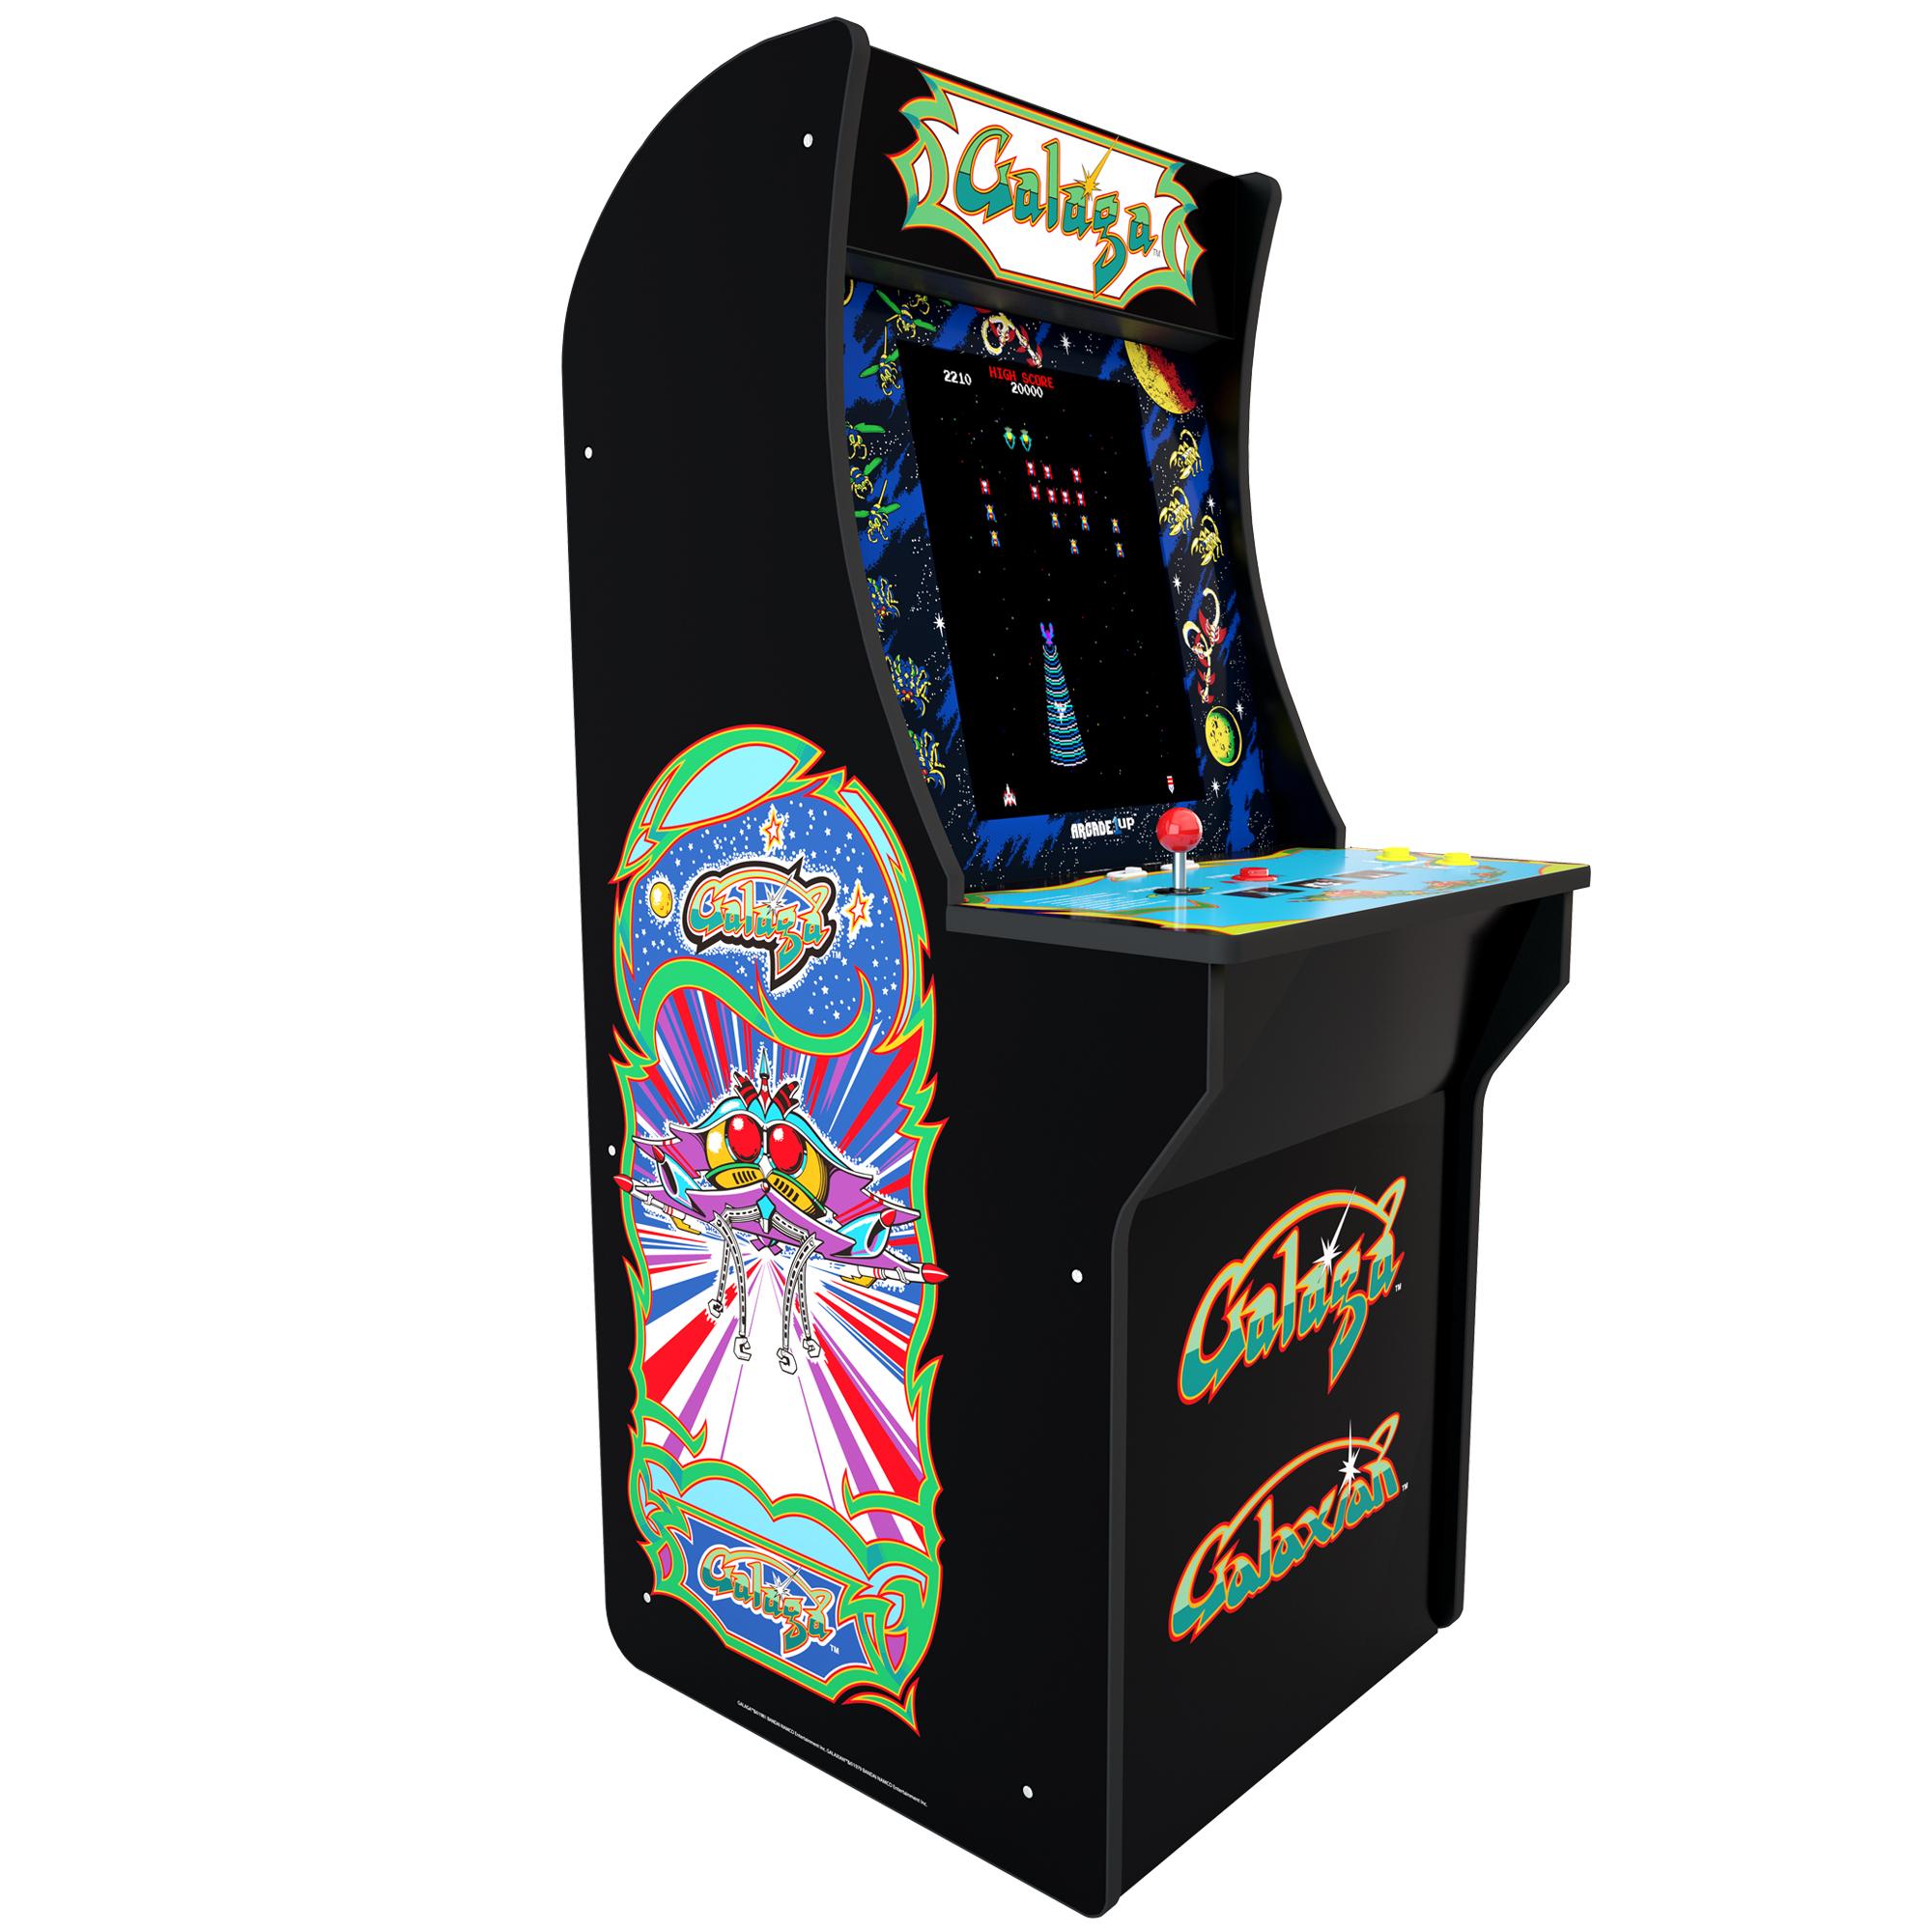 Arcade1up Galaga for $199 + tax on Walmart.com